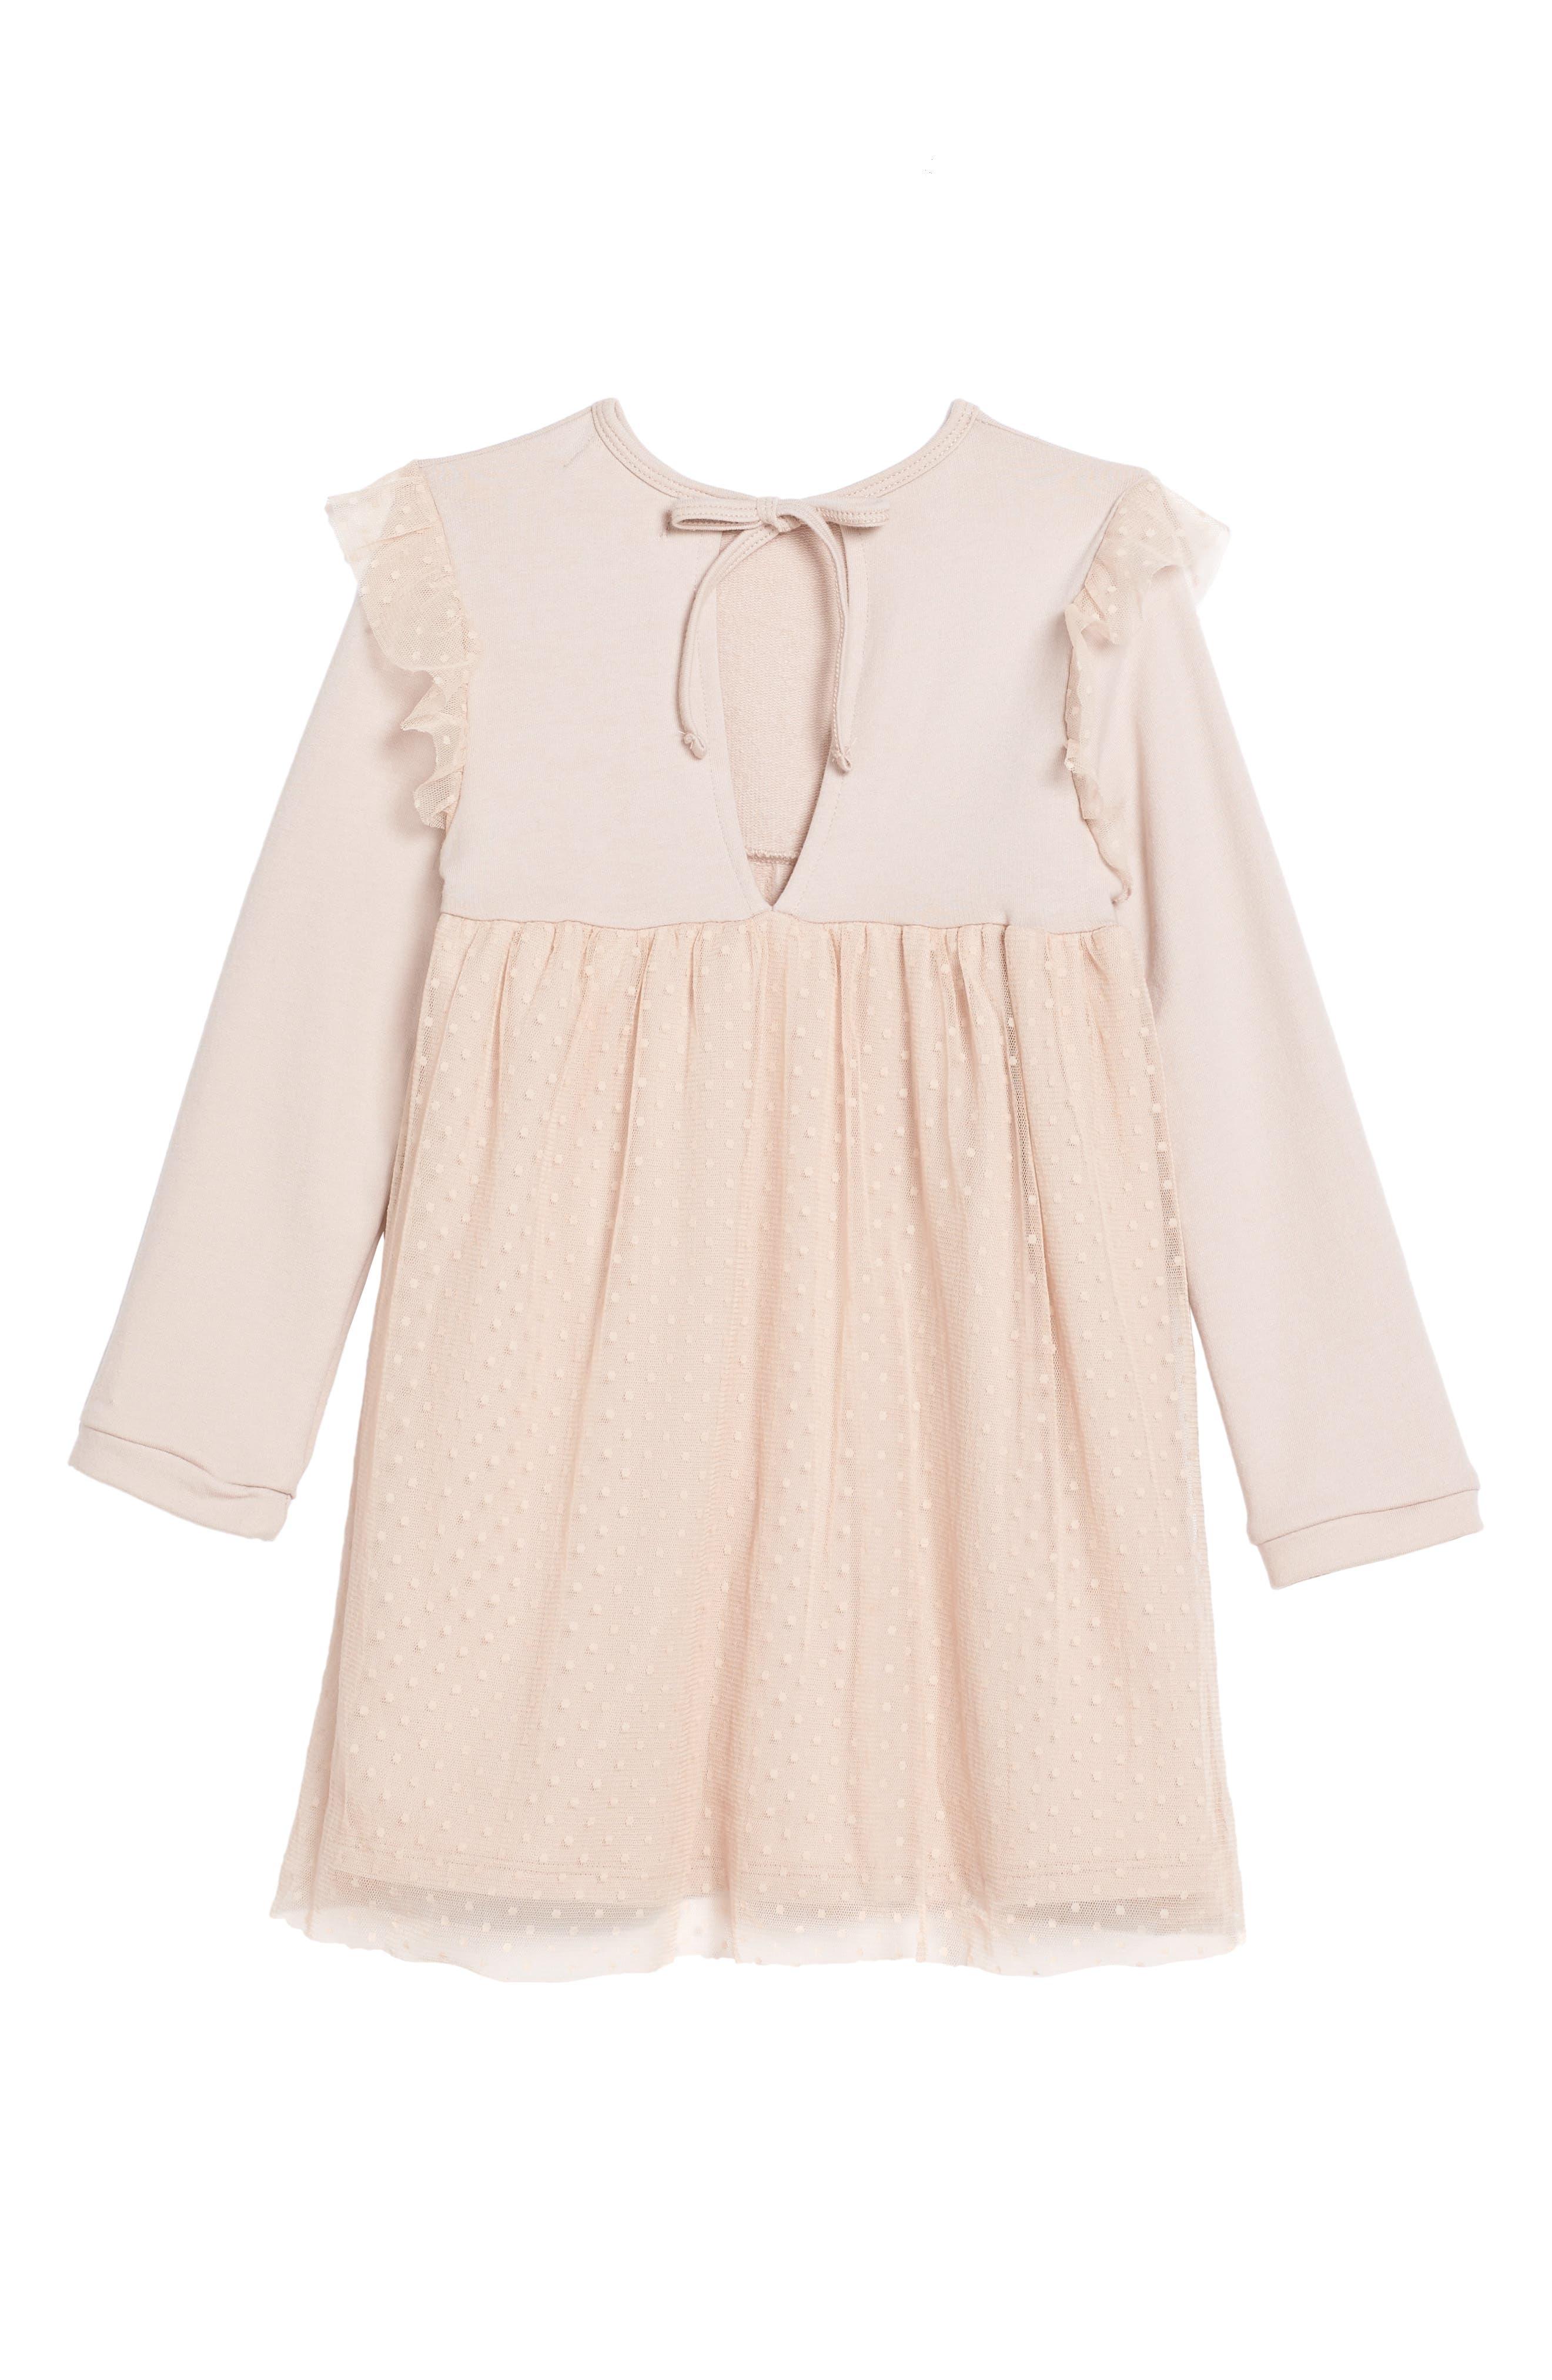 Alternate Image 2  - Lil Lemons by For Love & Lemons Ballerina Tulle Dress (Toddler Girls & Little Girls)